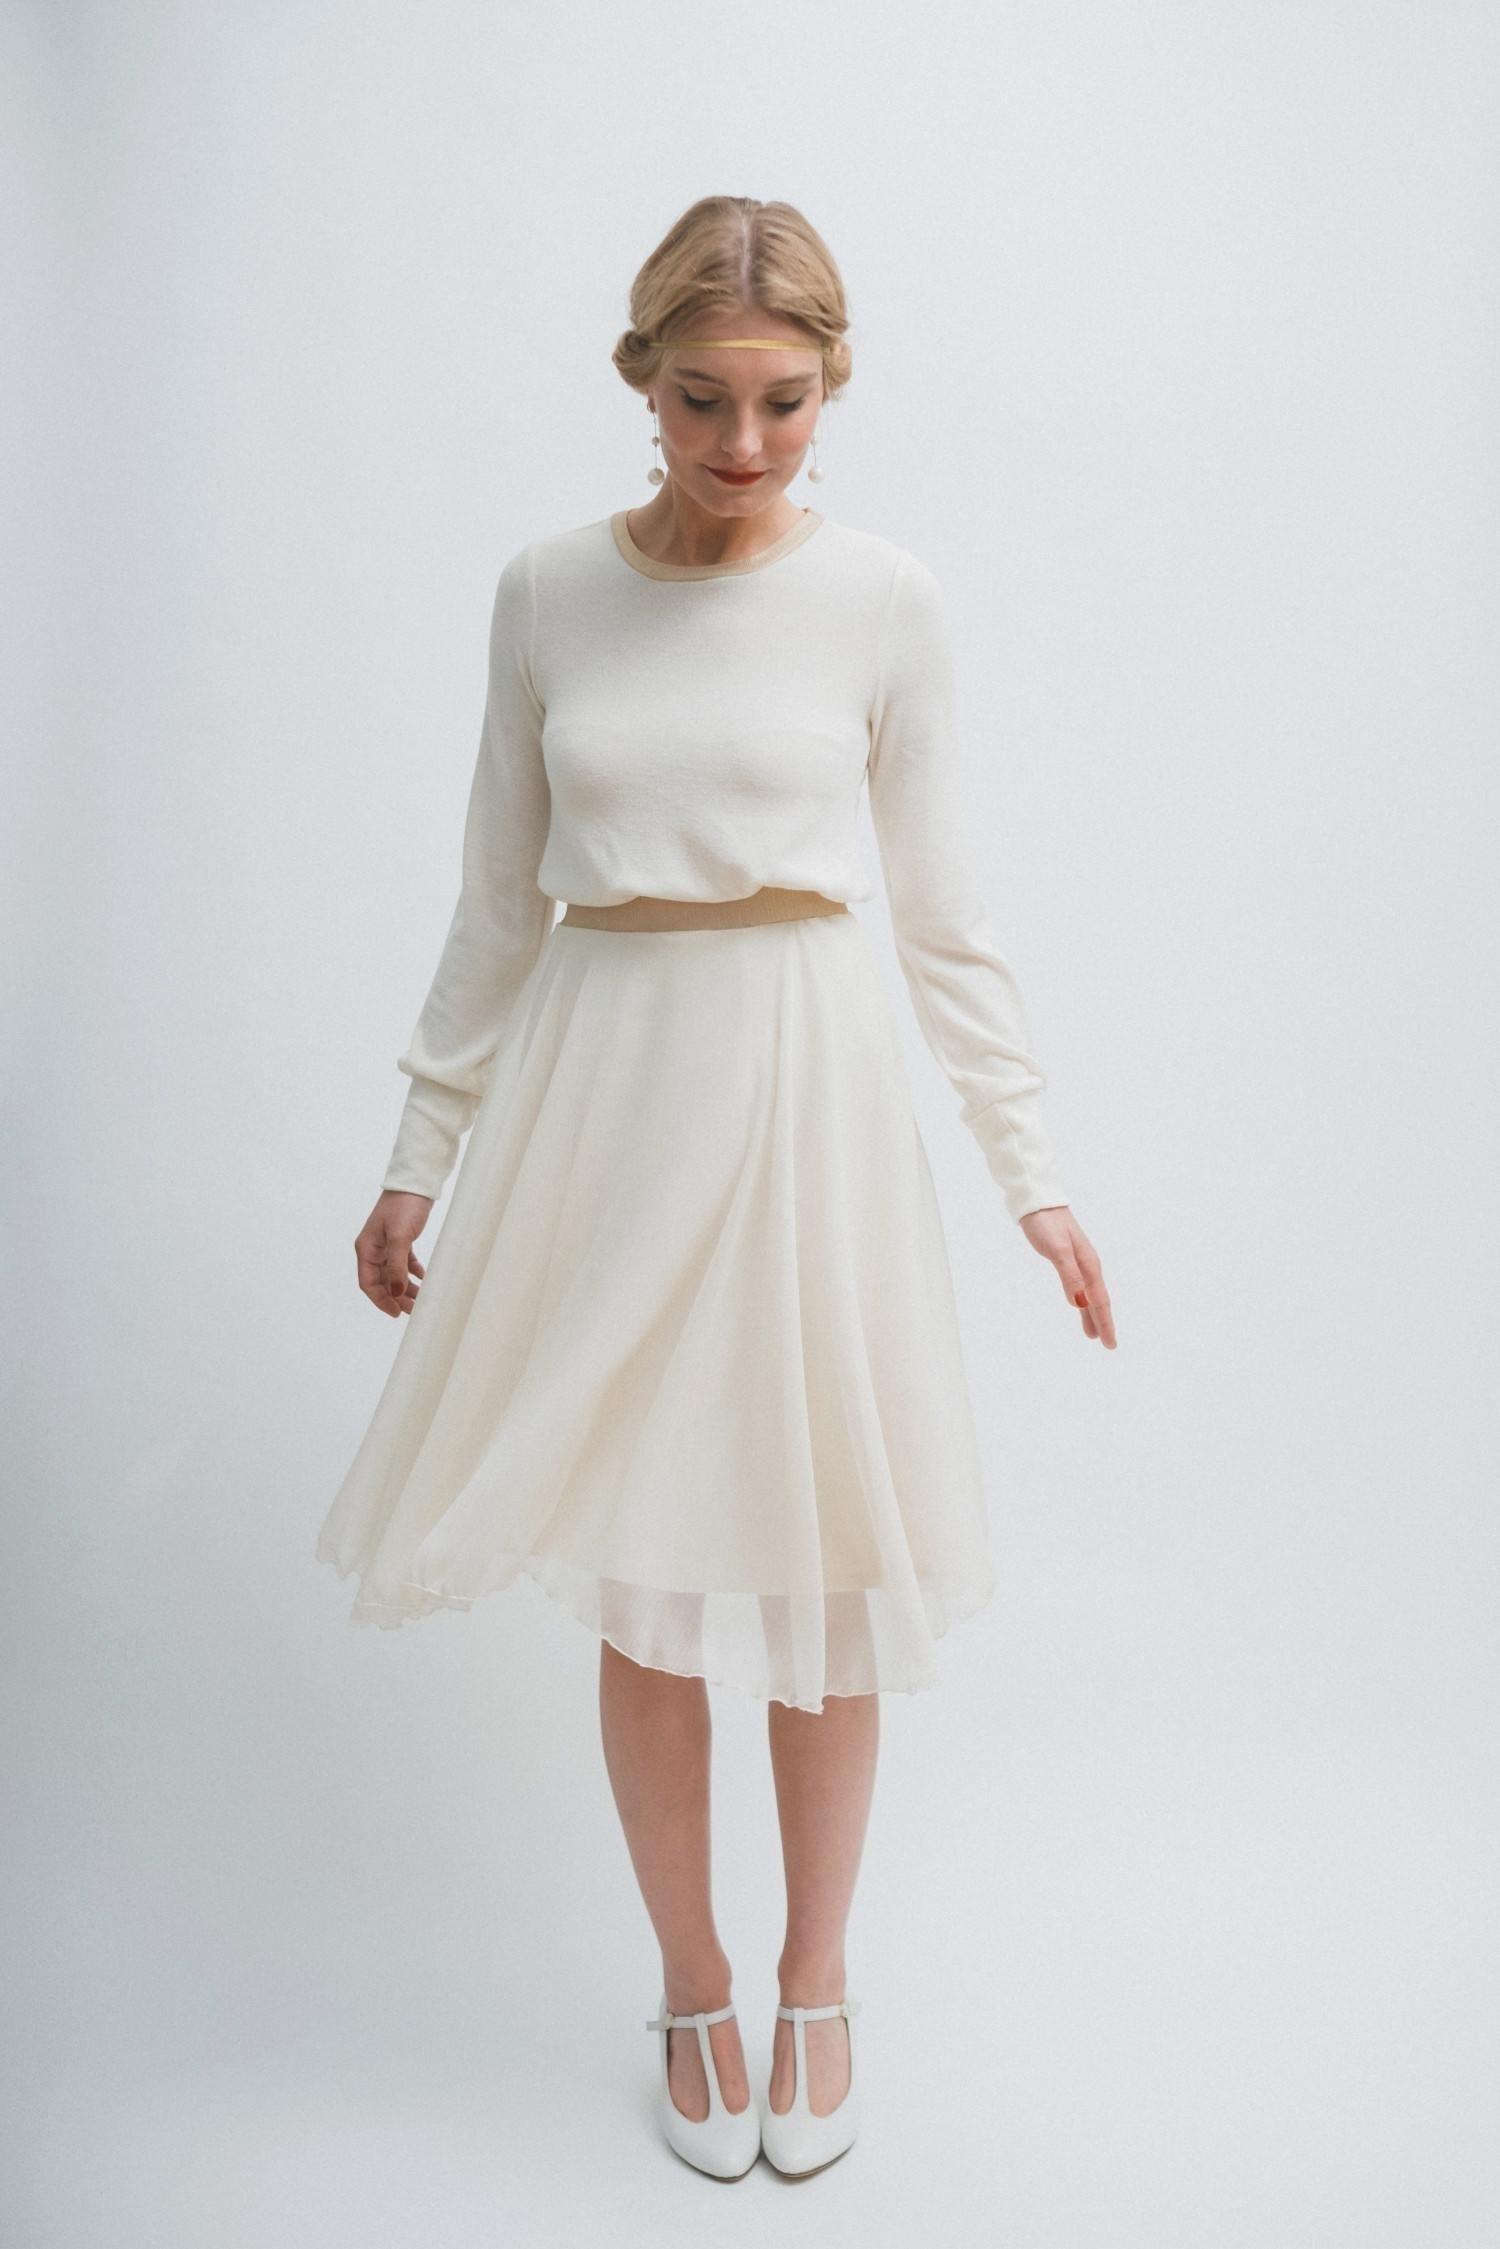 15 Fantastisch Abendkleider Für Hochzeit Boutique15 Perfekt Abendkleider Für Hochzeit Galerie